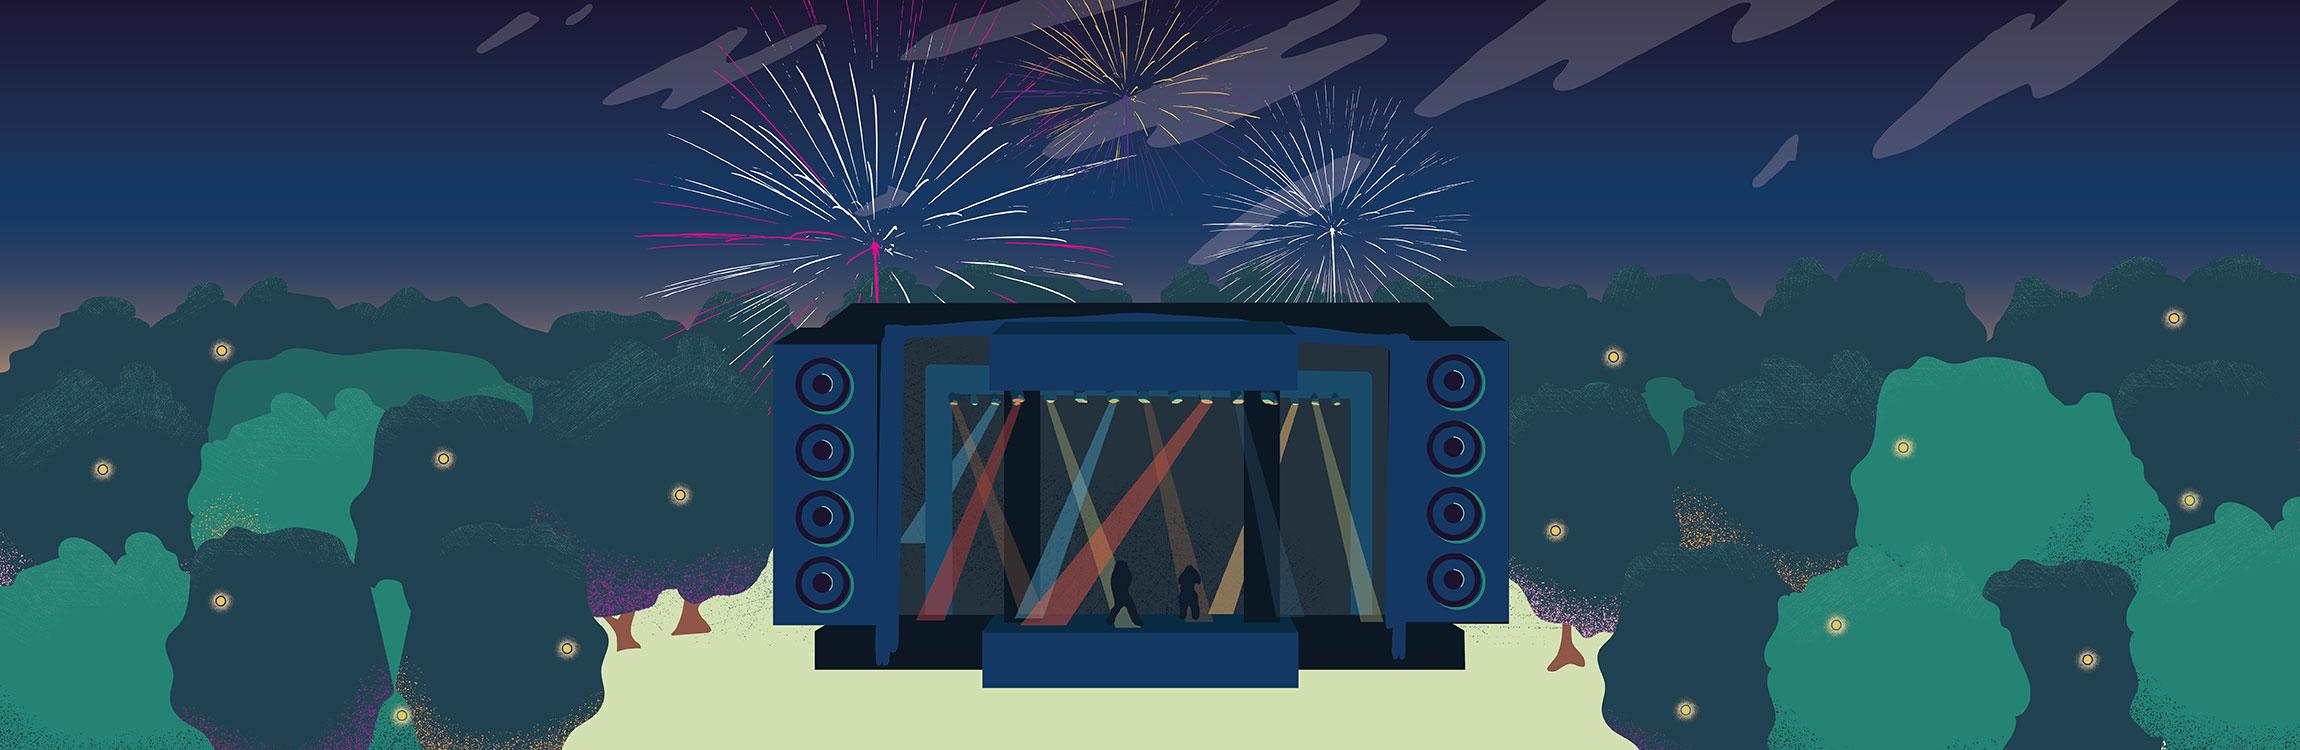 Firefly Music Festival 2020 header image